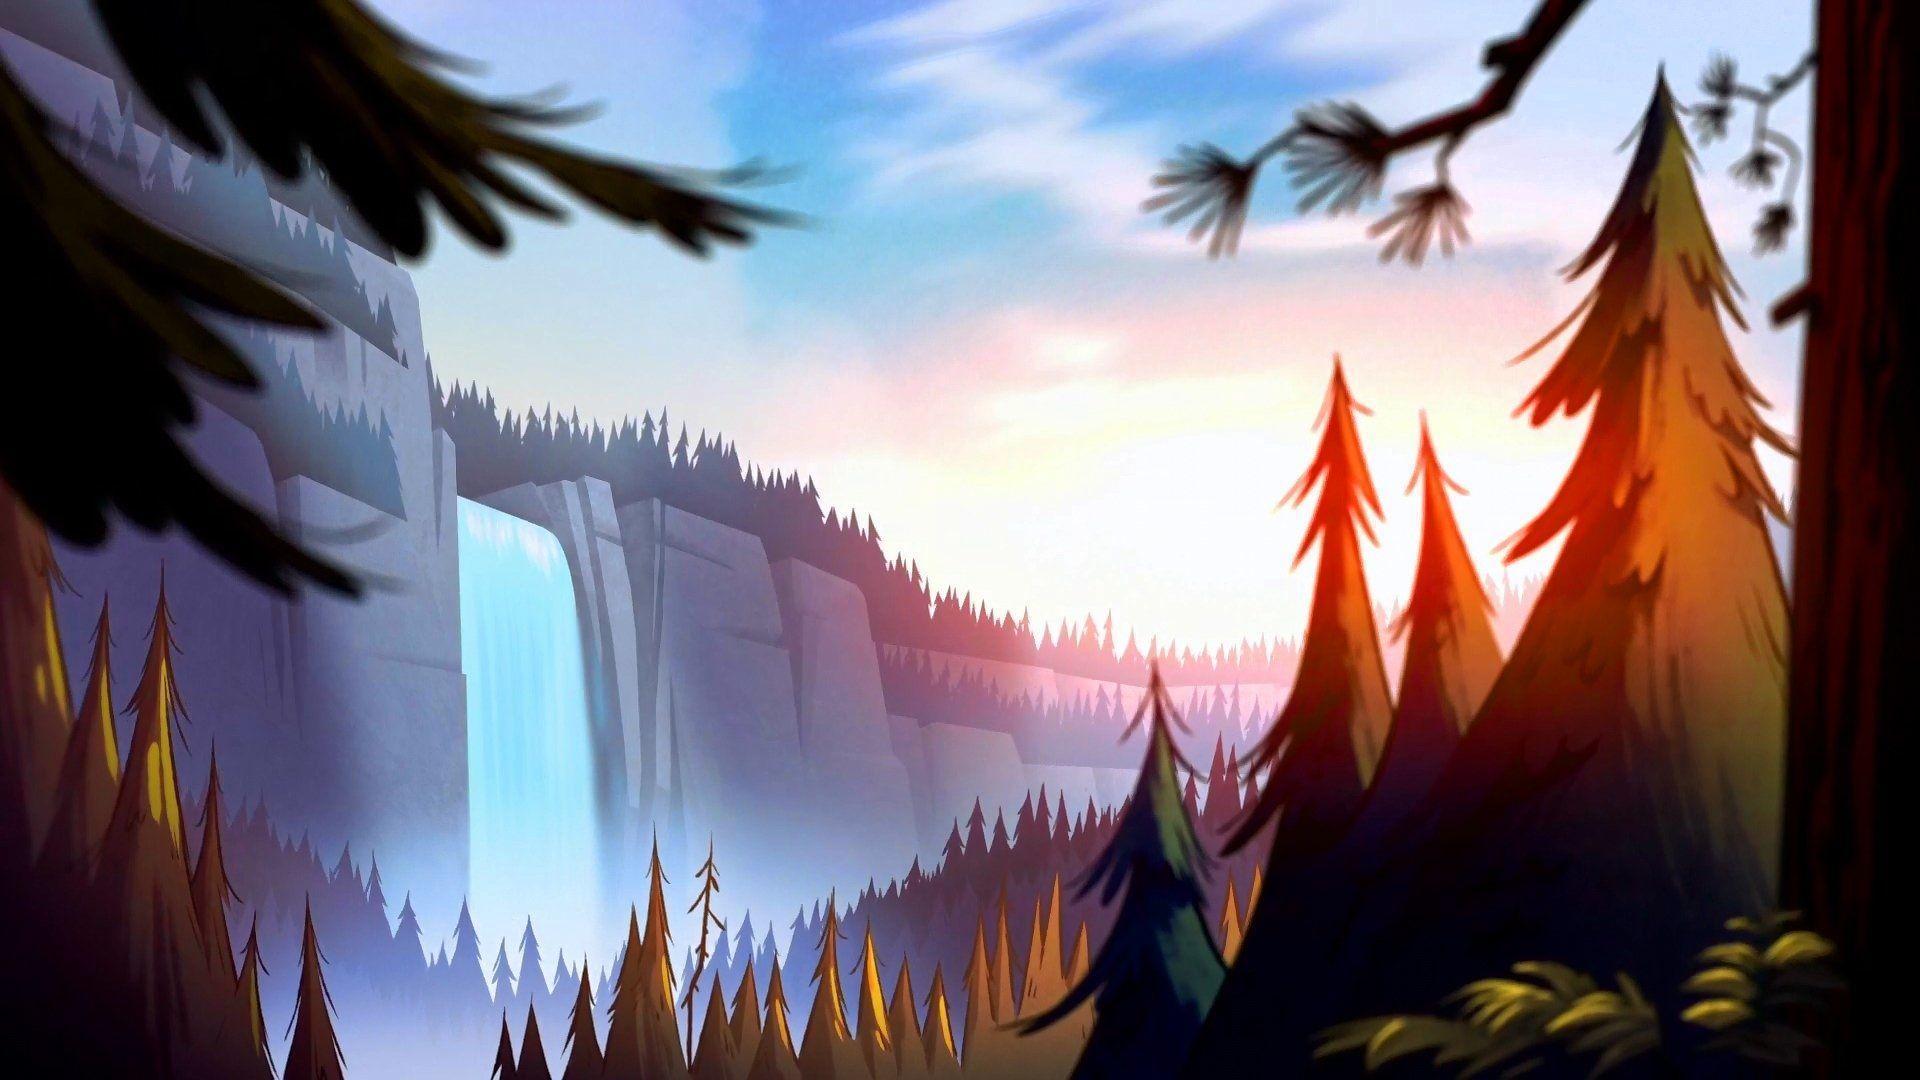 Gravity Falls Desktop Wallpaper Hd Gravity Falls Wallpapers Wallpaper Cave